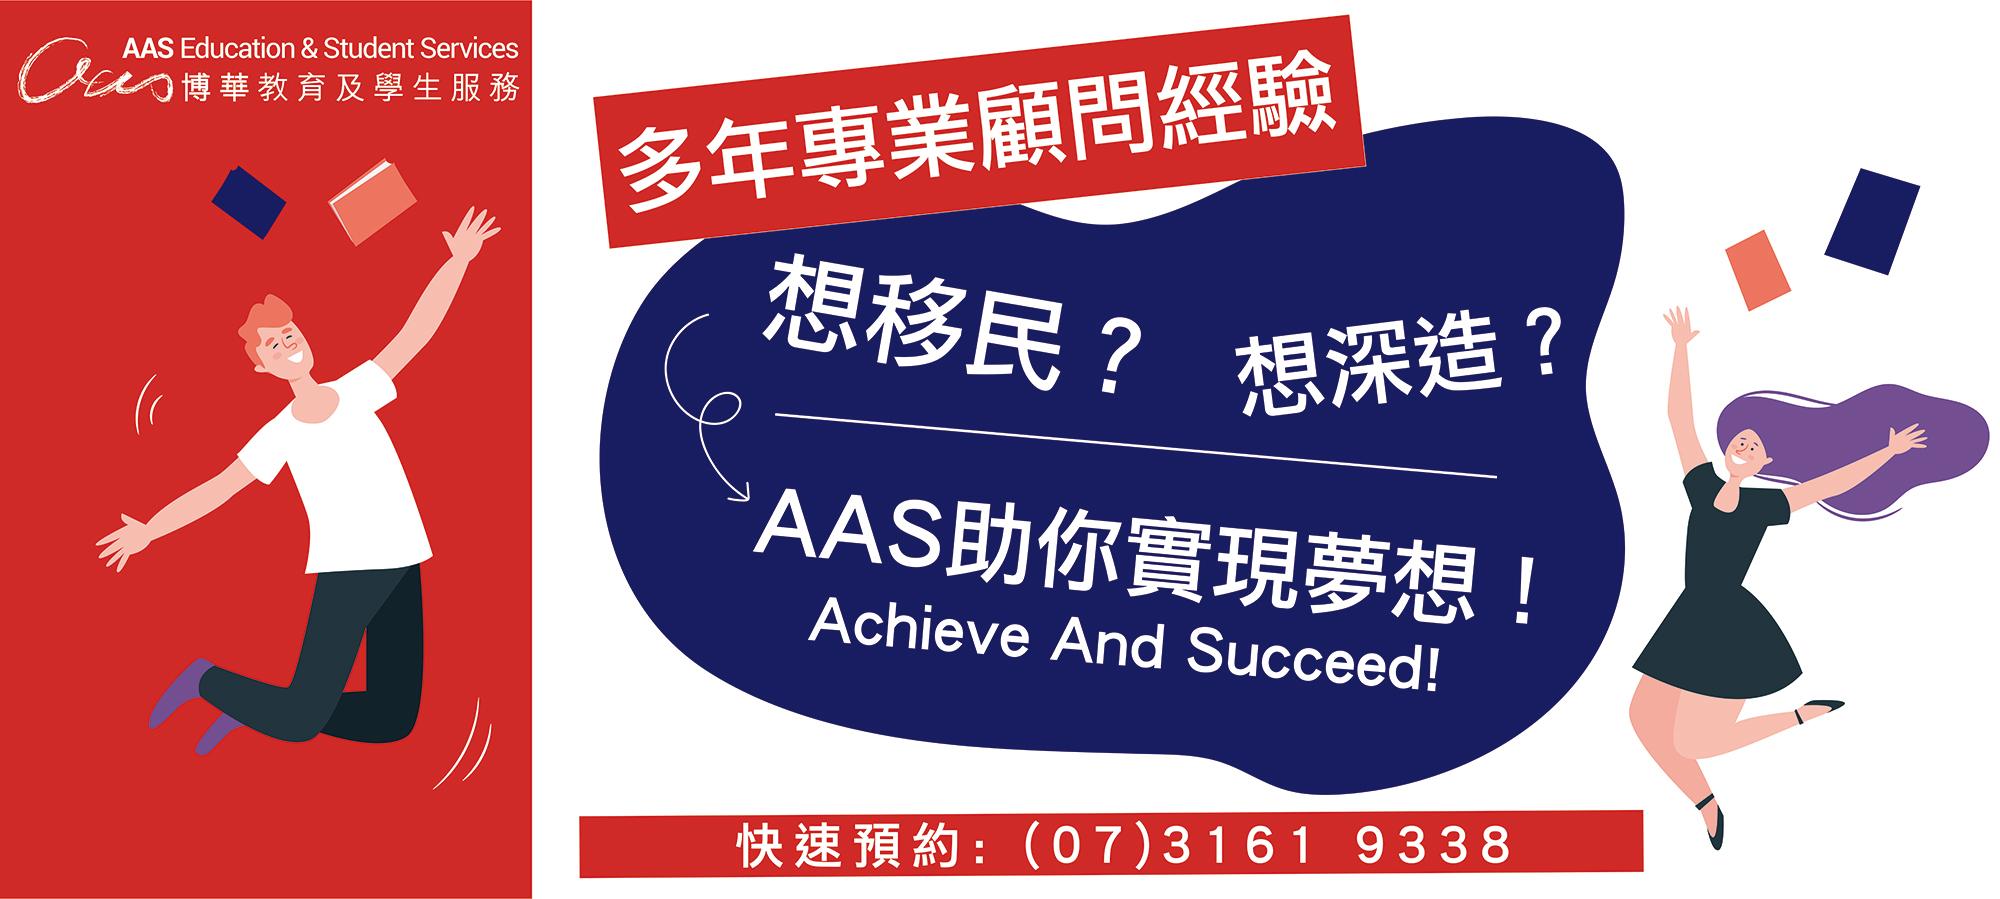 博華教育及學生服務 – AAS Brisbane